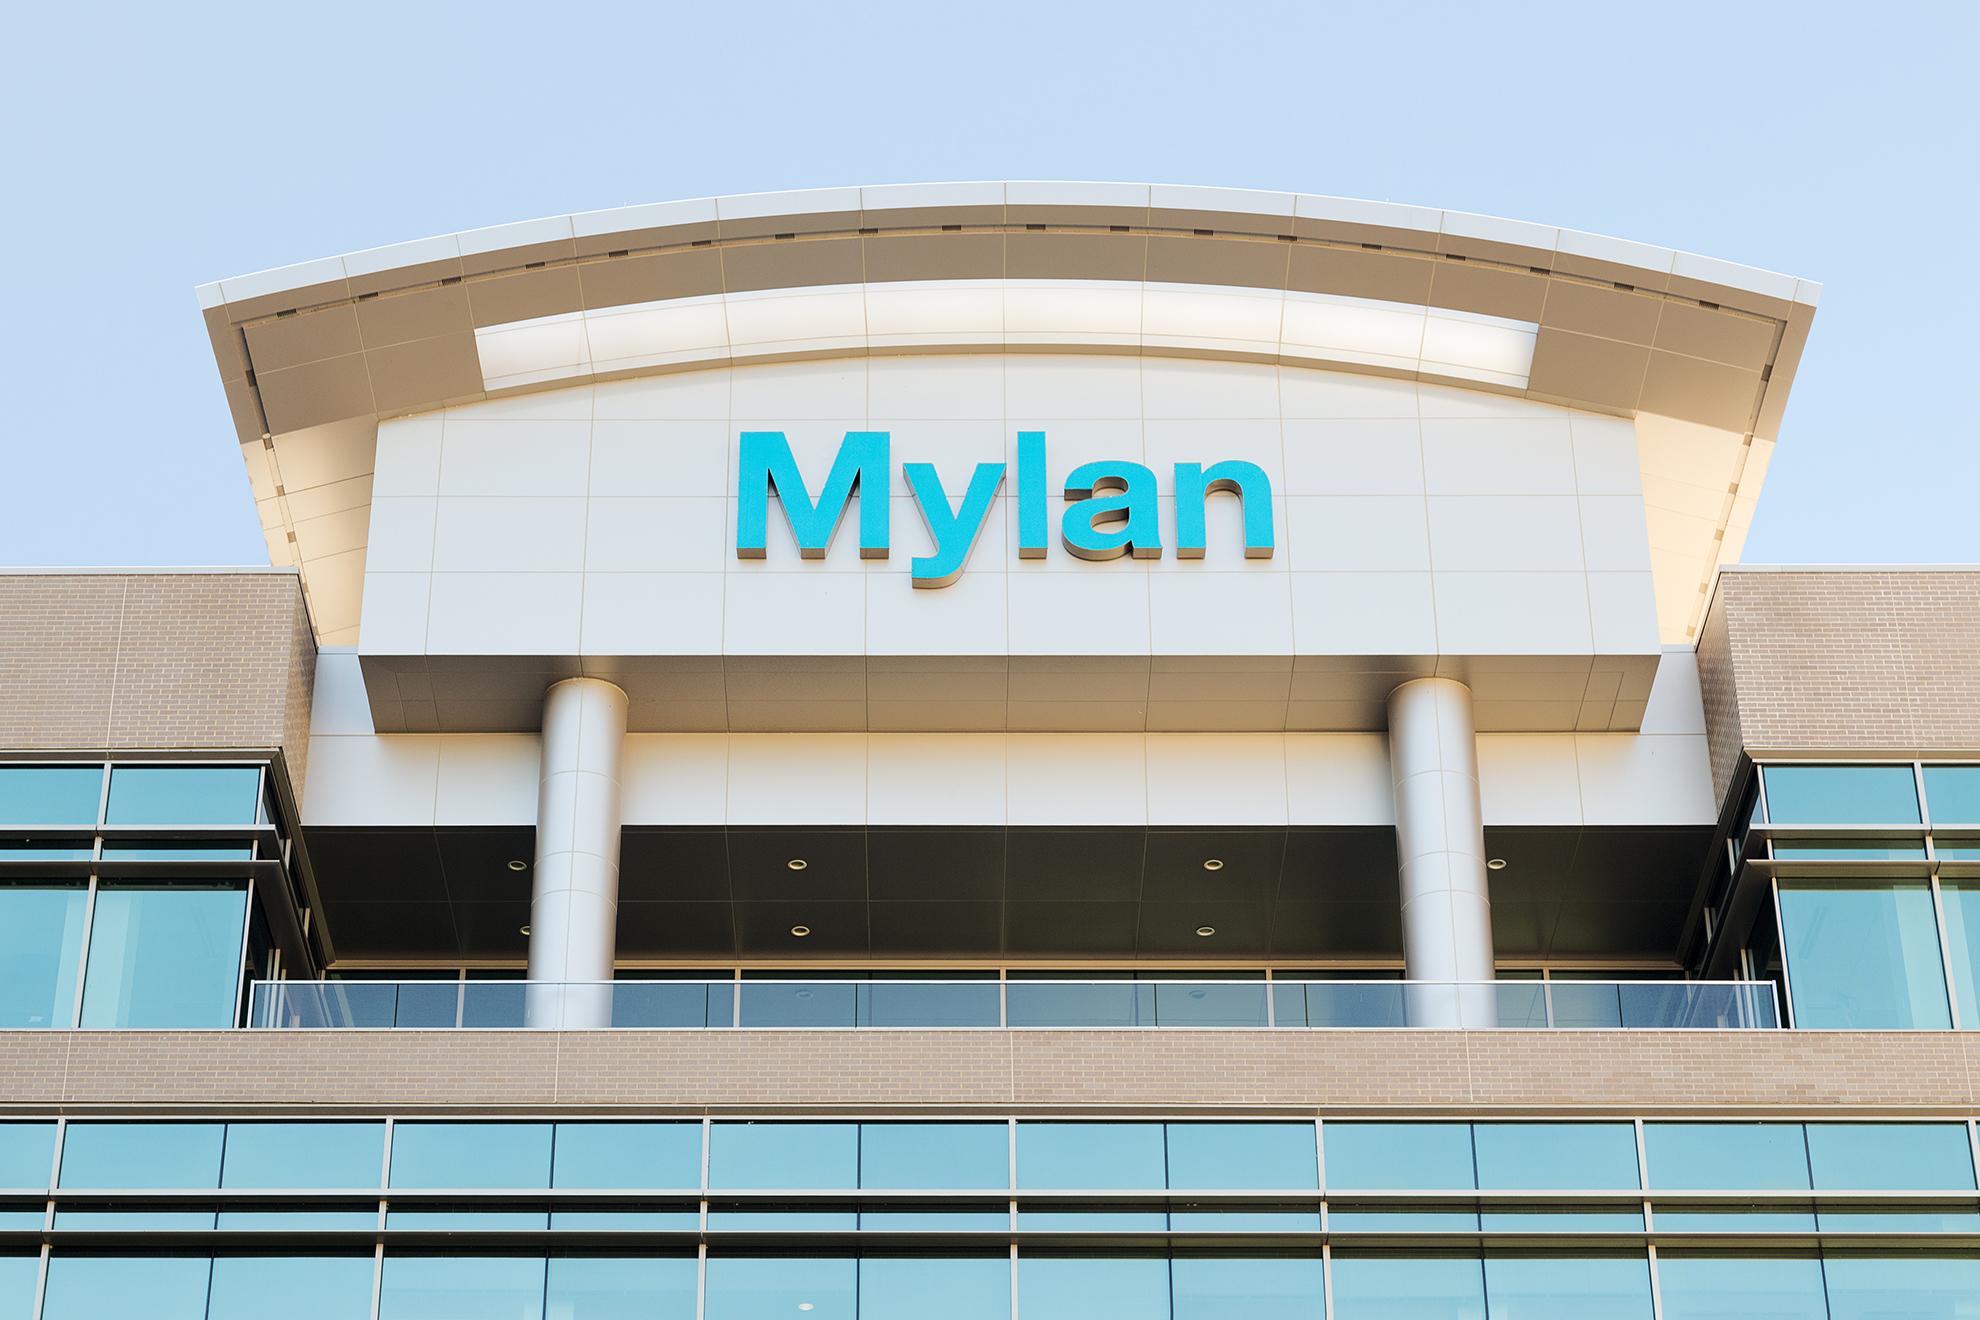 -John-W-McDougall-Co-Inc---Mylans-Robert-J-Coury-Global-Center-1_1618934793.jpg